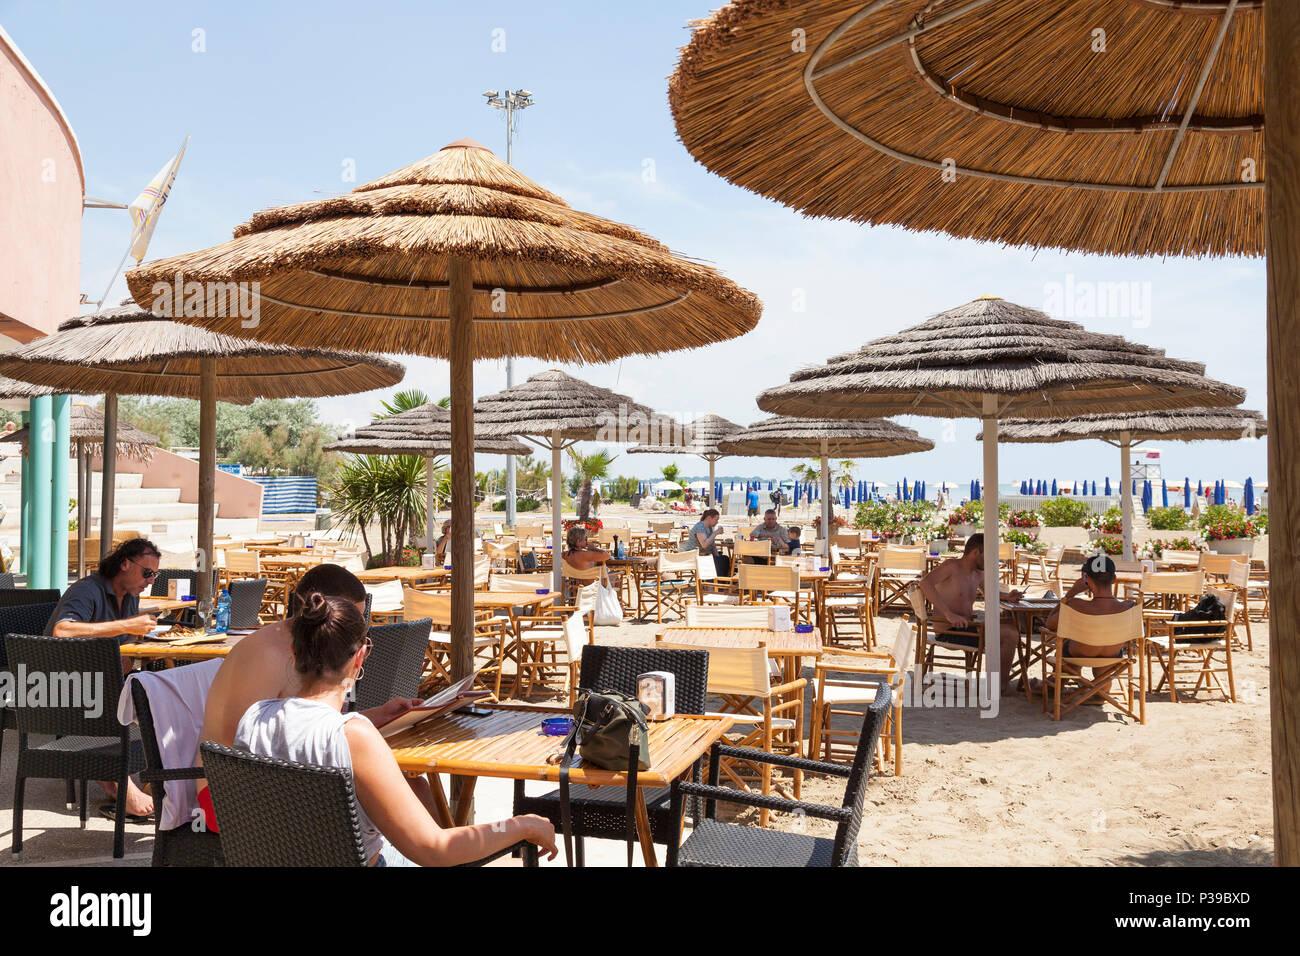 Pizzería Blue Moon, Luna Azul Beach, Lido di Venezia, Venecia, Véneto, Italia. Gente comiendo bajo sombrillas de paja en primavera tardía, atracción turística Foto de stock